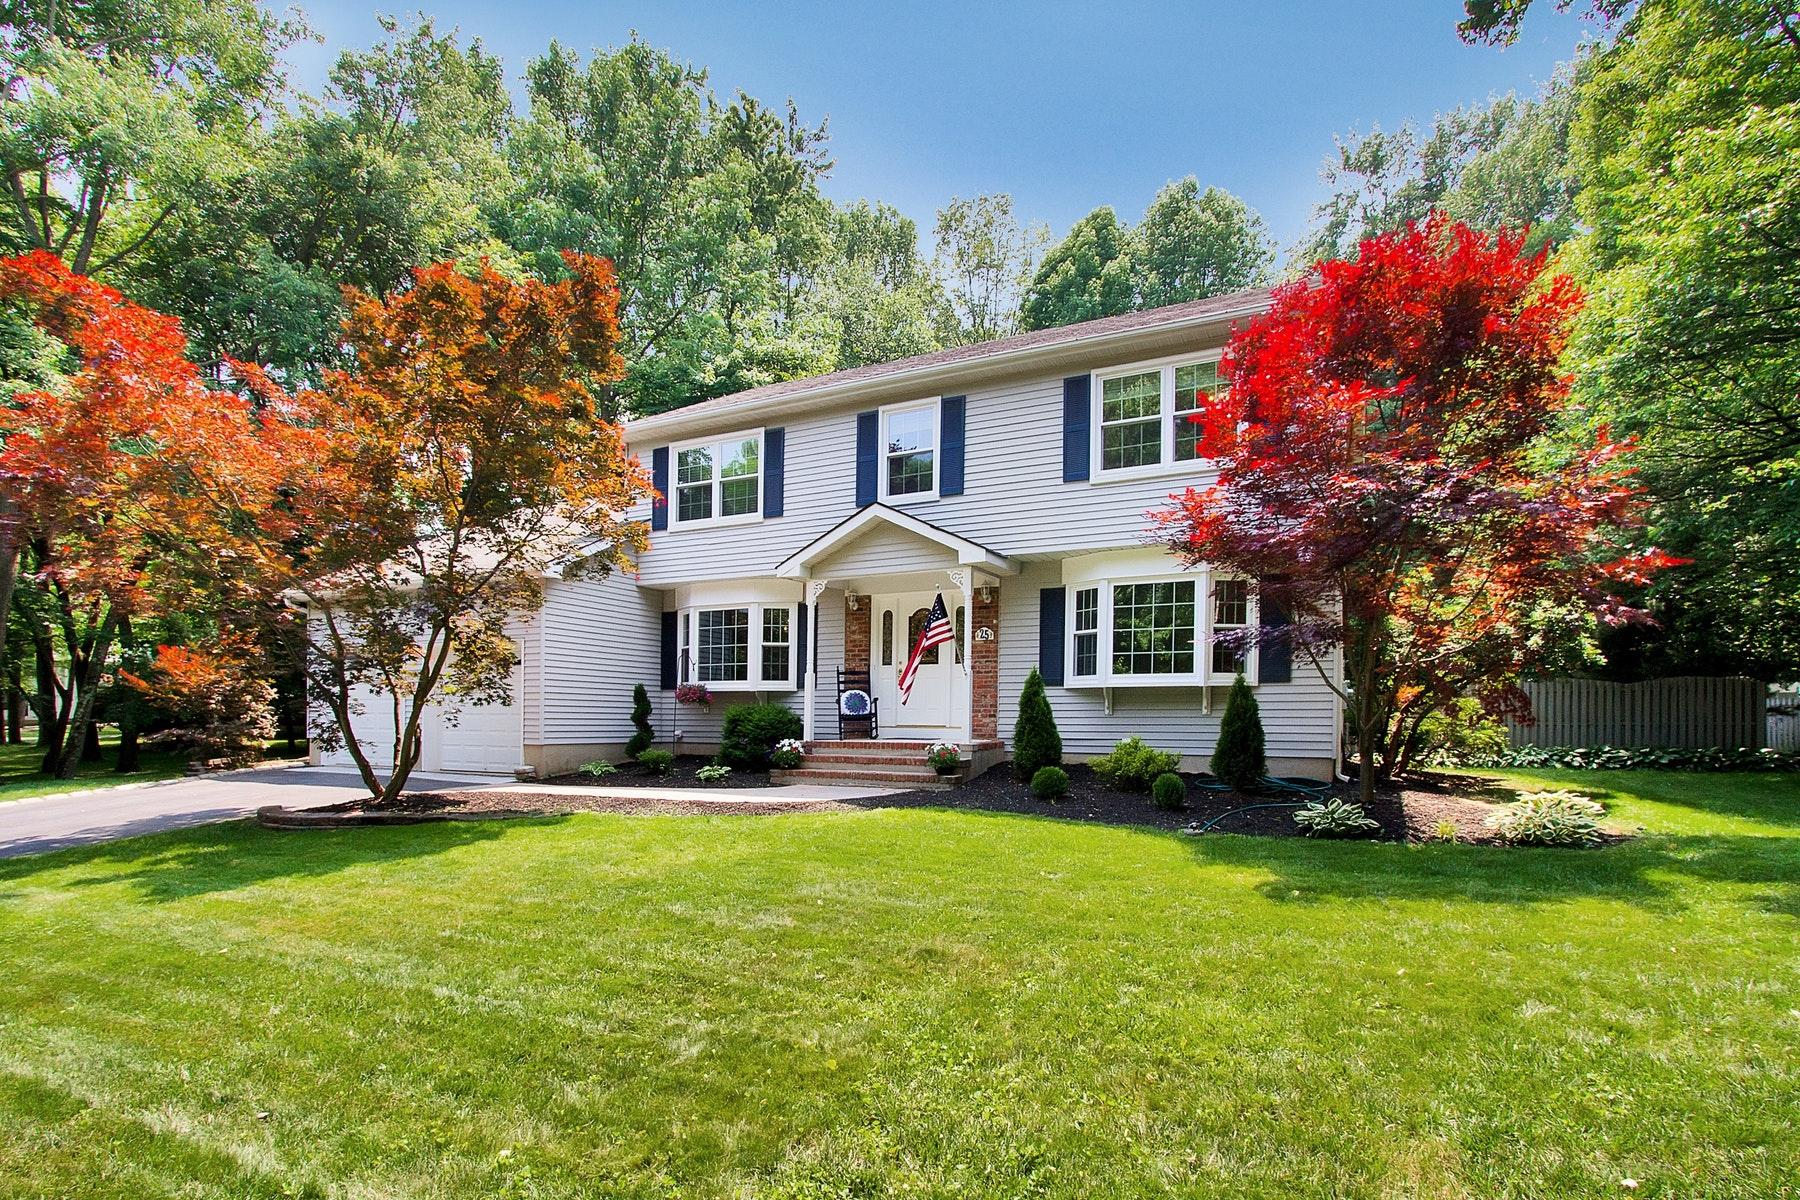 独户住宅 为 销售 在 25 Merritt Terrace Matawan, 新泽西州 07747 美国